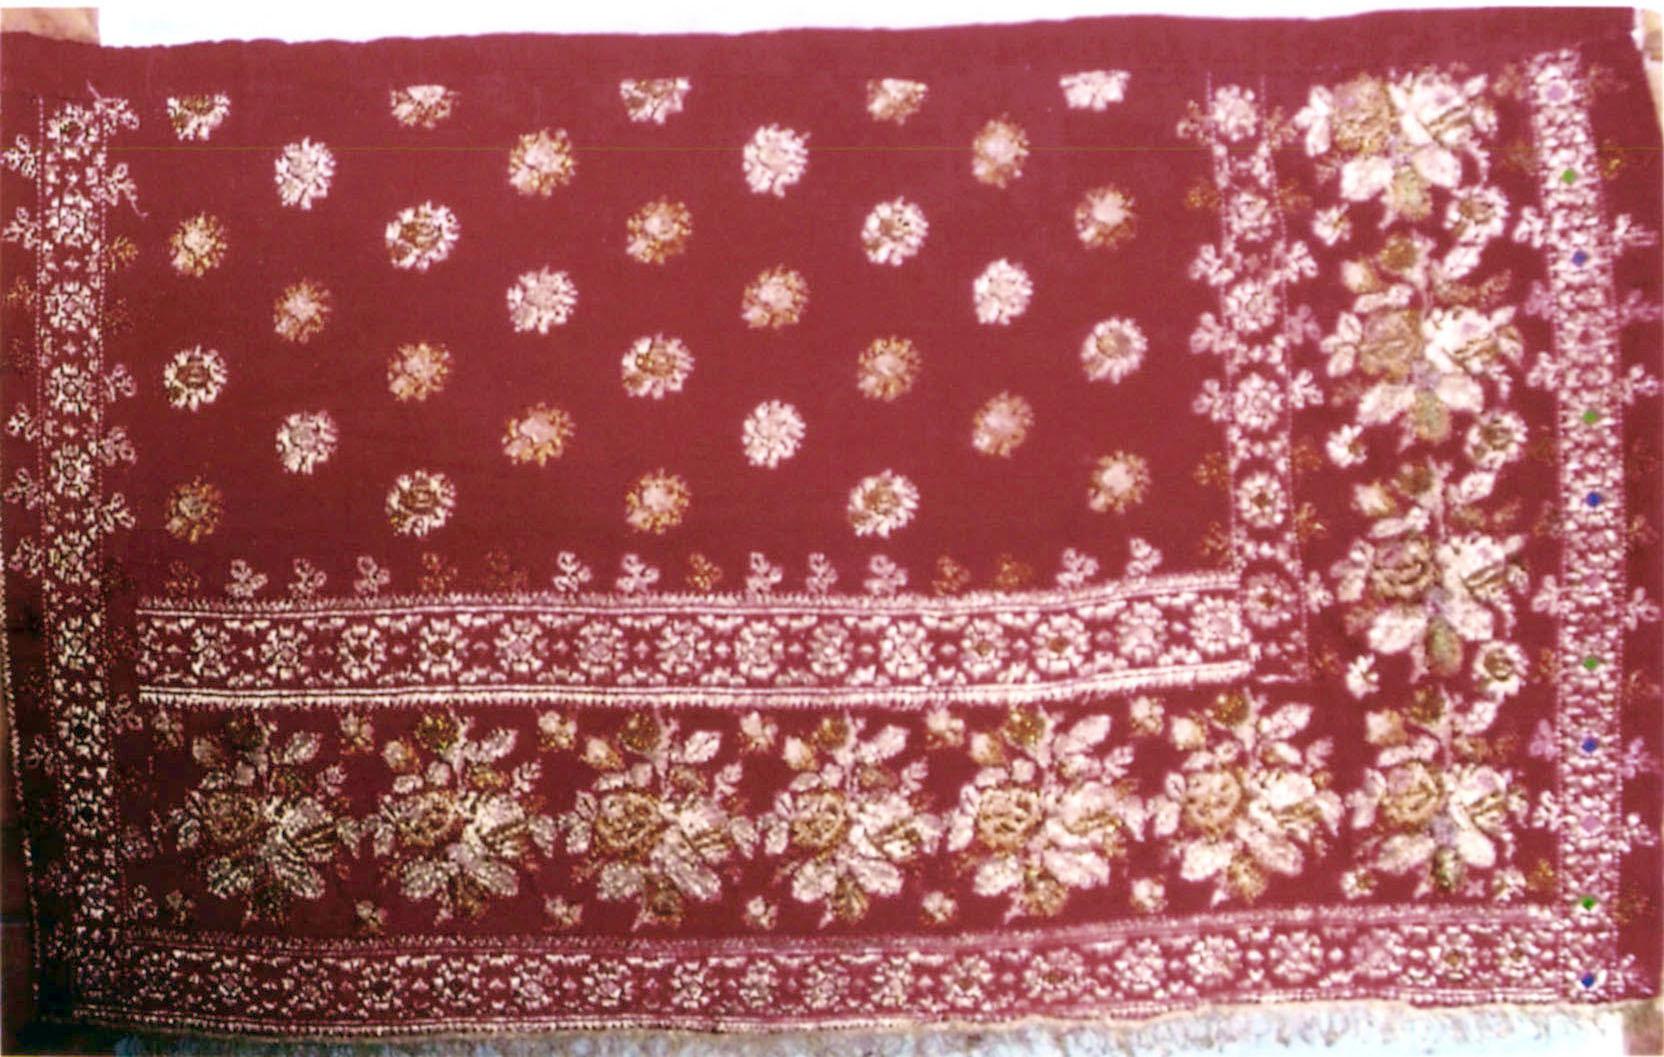 Fotă roşie aleasă cu fir - Muzeul Viticulturii şi Pomiculturii - GOLEŞTI (Patrimoniul Cultural National Mobil din Romania. Ordin de clasare: 2879/04.09.2019 - Tezaur)